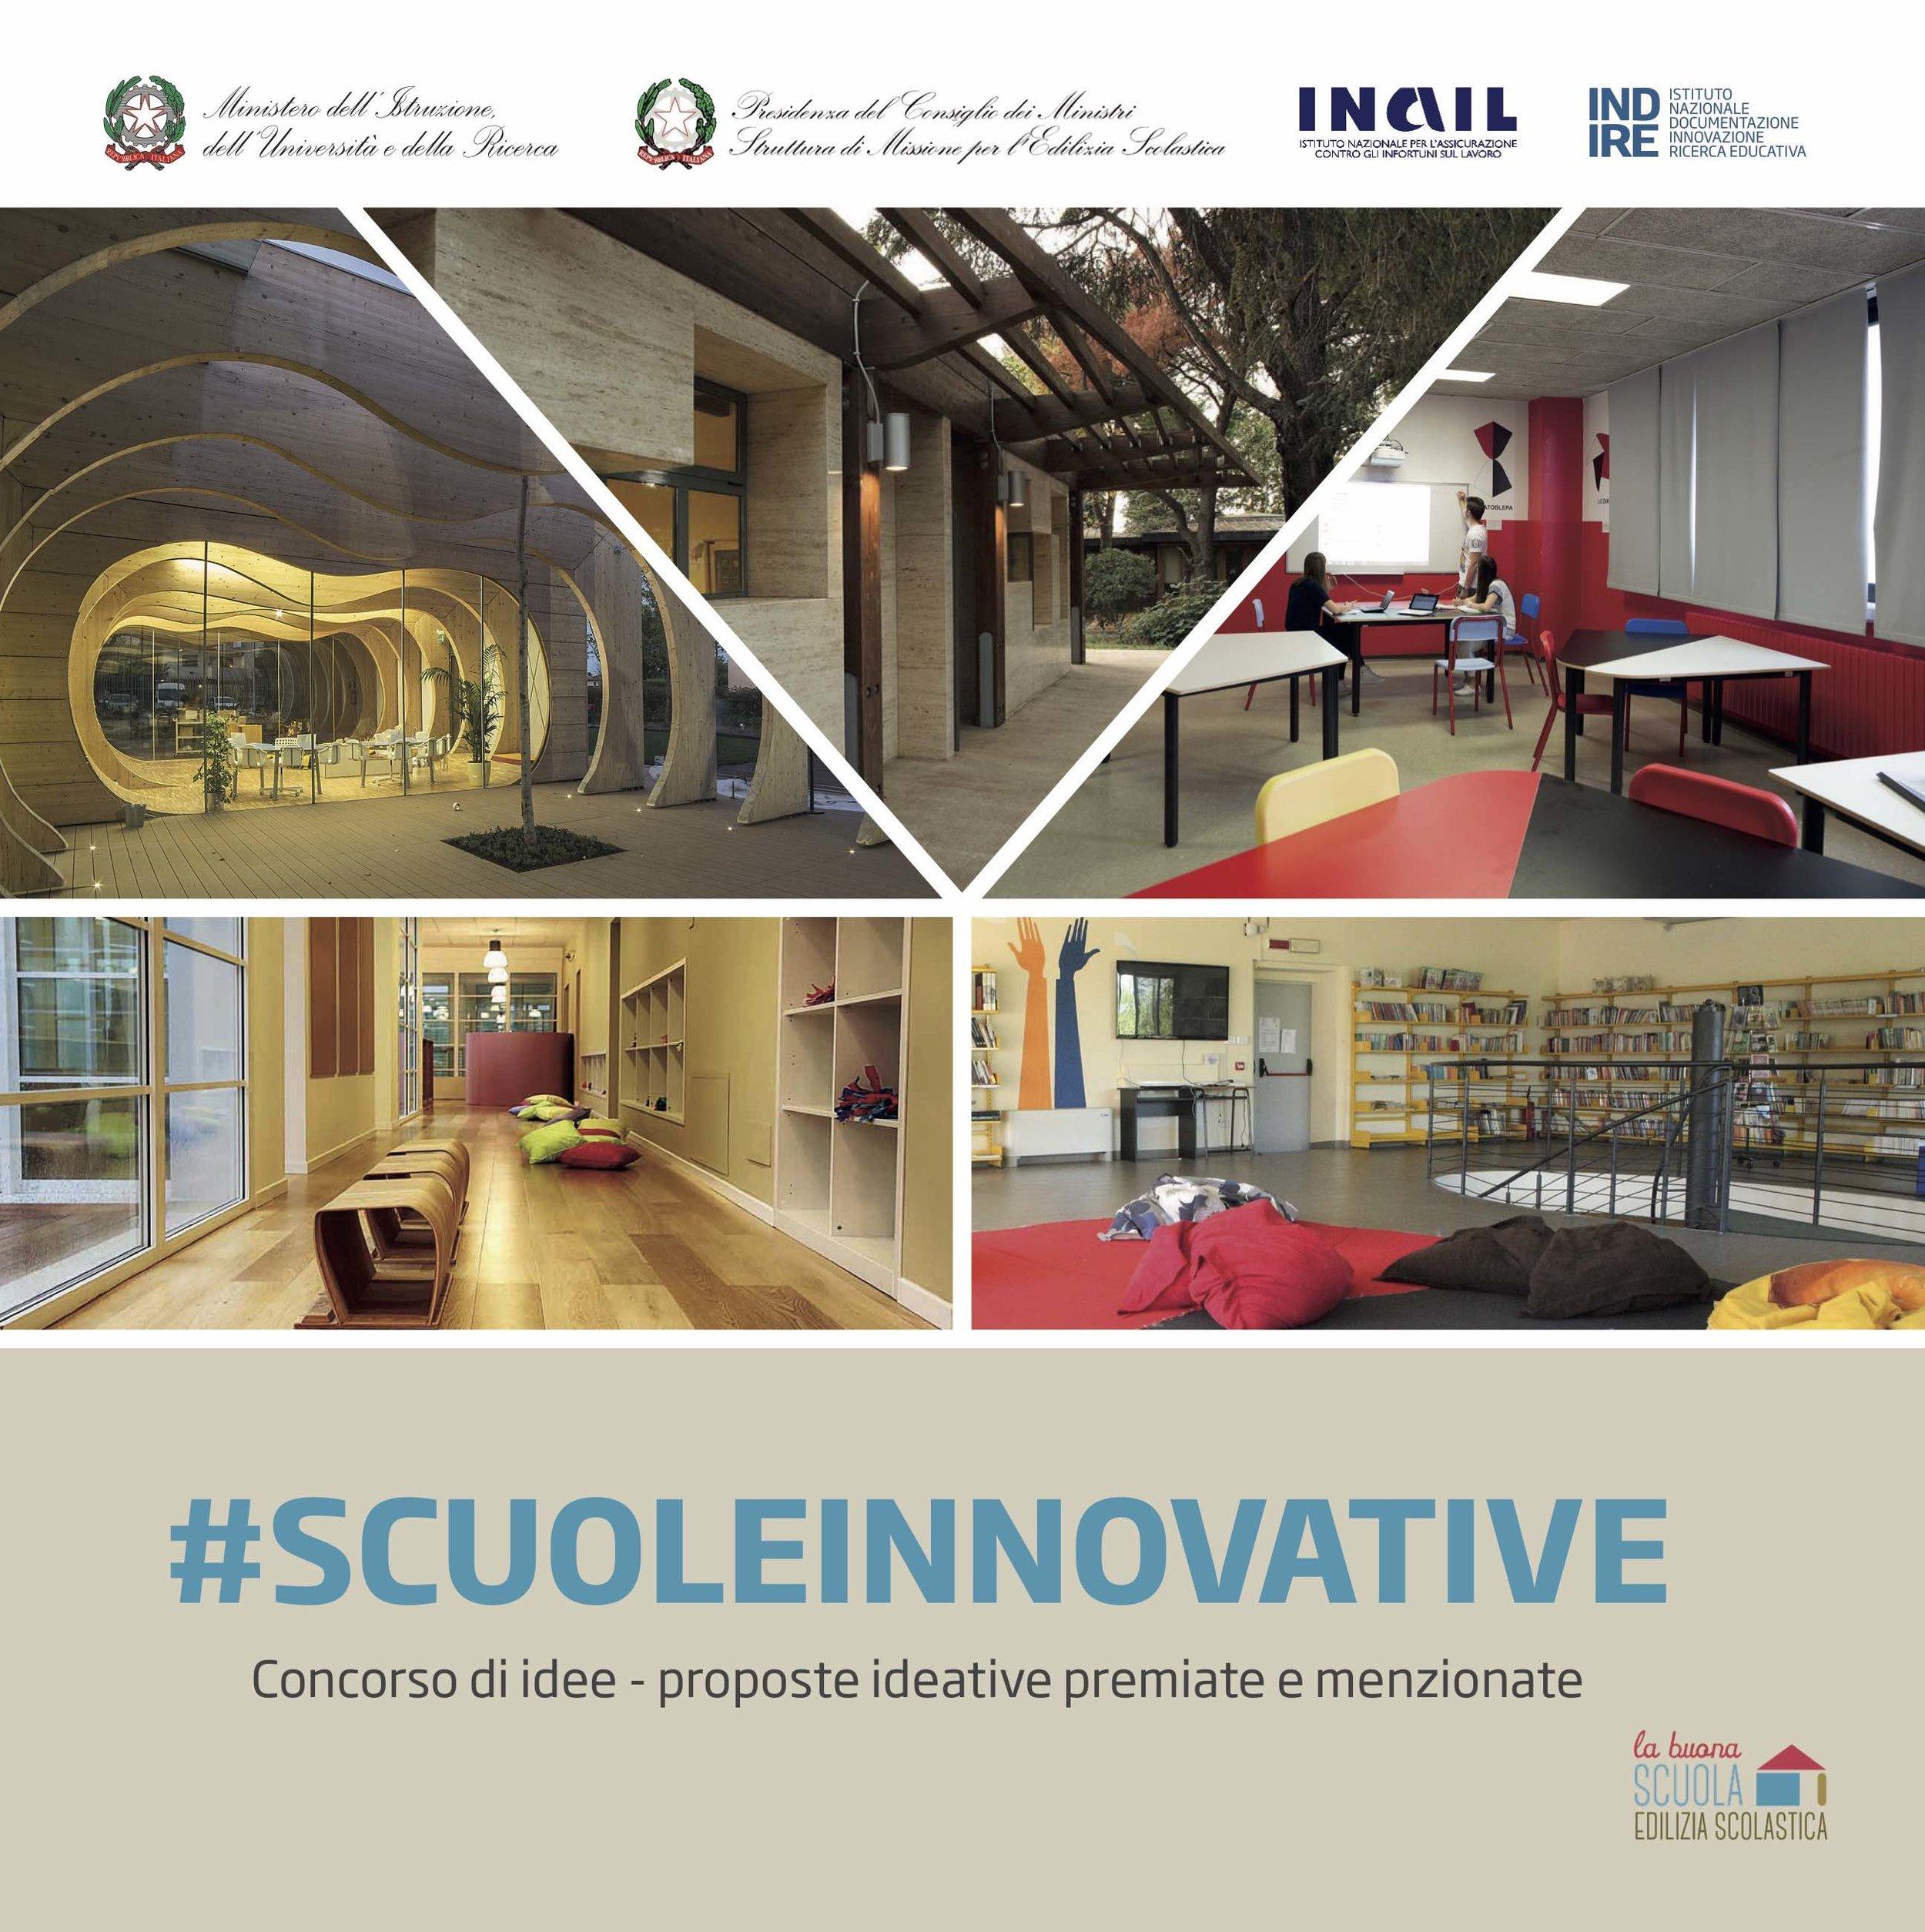 #scuoleinnovative_Concorso i idee - proposte ideative premiate e menzionate  catatlogo del concorso, Ediguida srl, 2018, pp 169-172